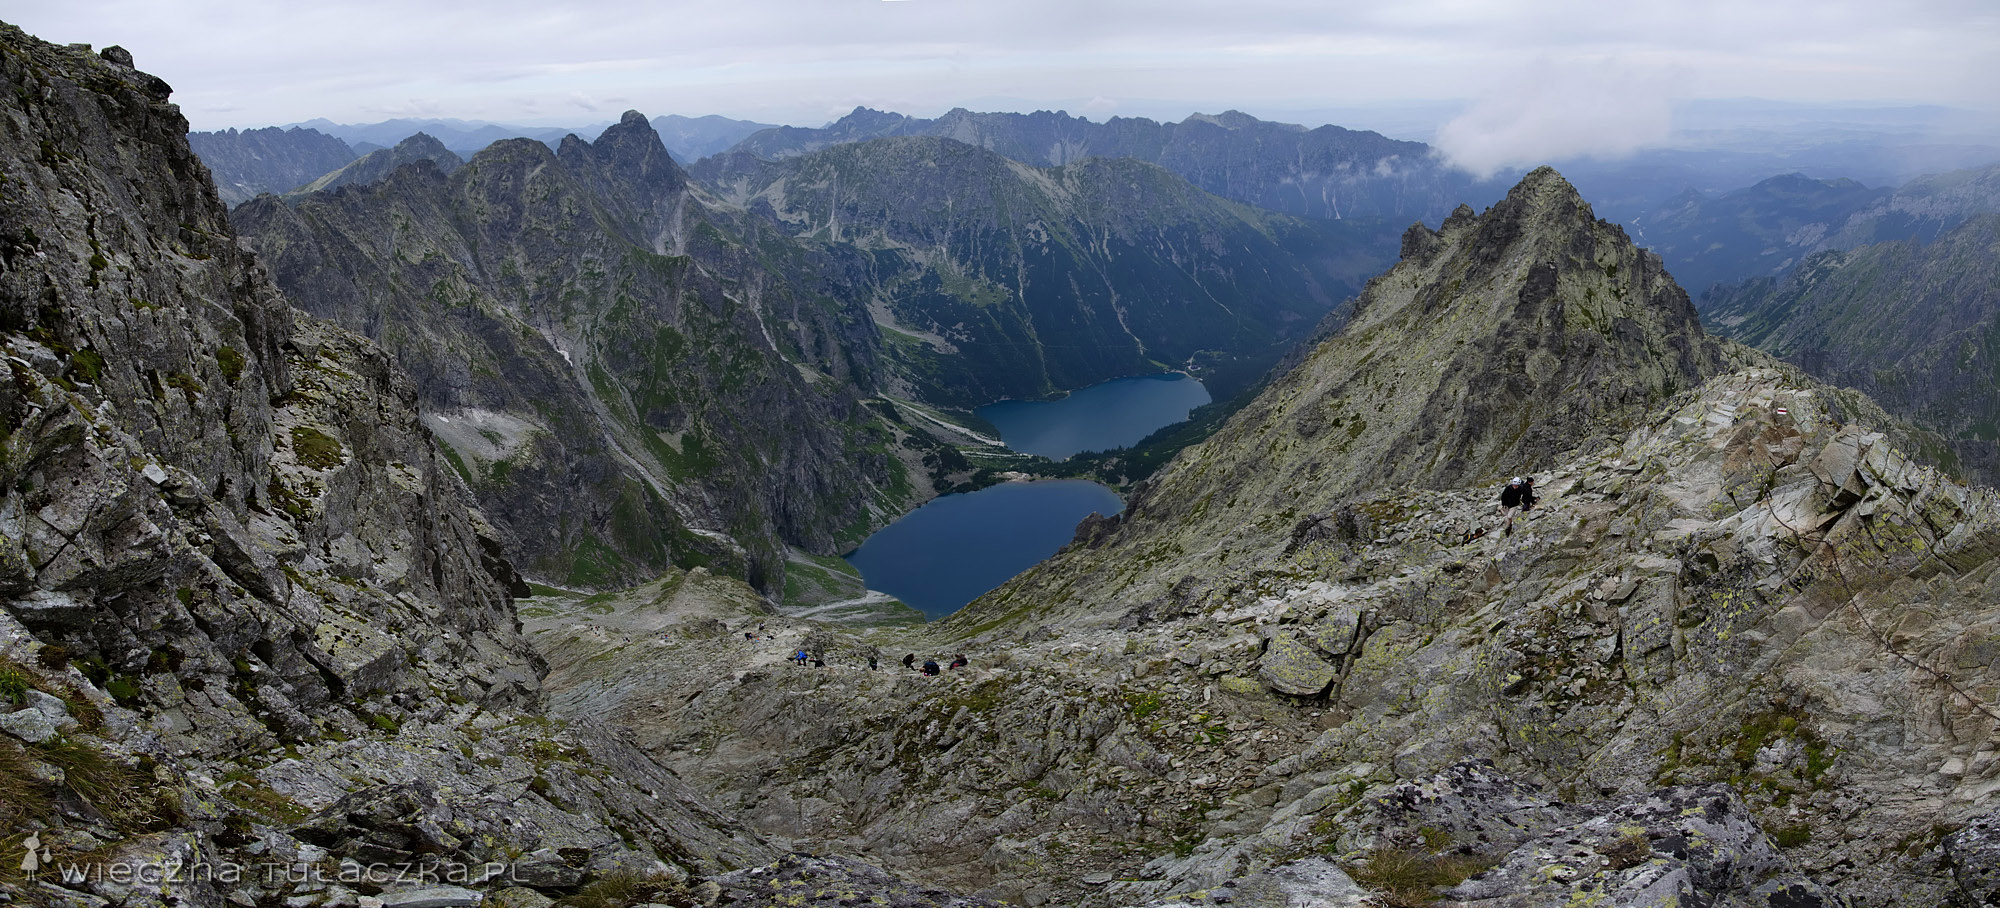 Szlak na Rysy widziany tuż pod wierzchołkiem